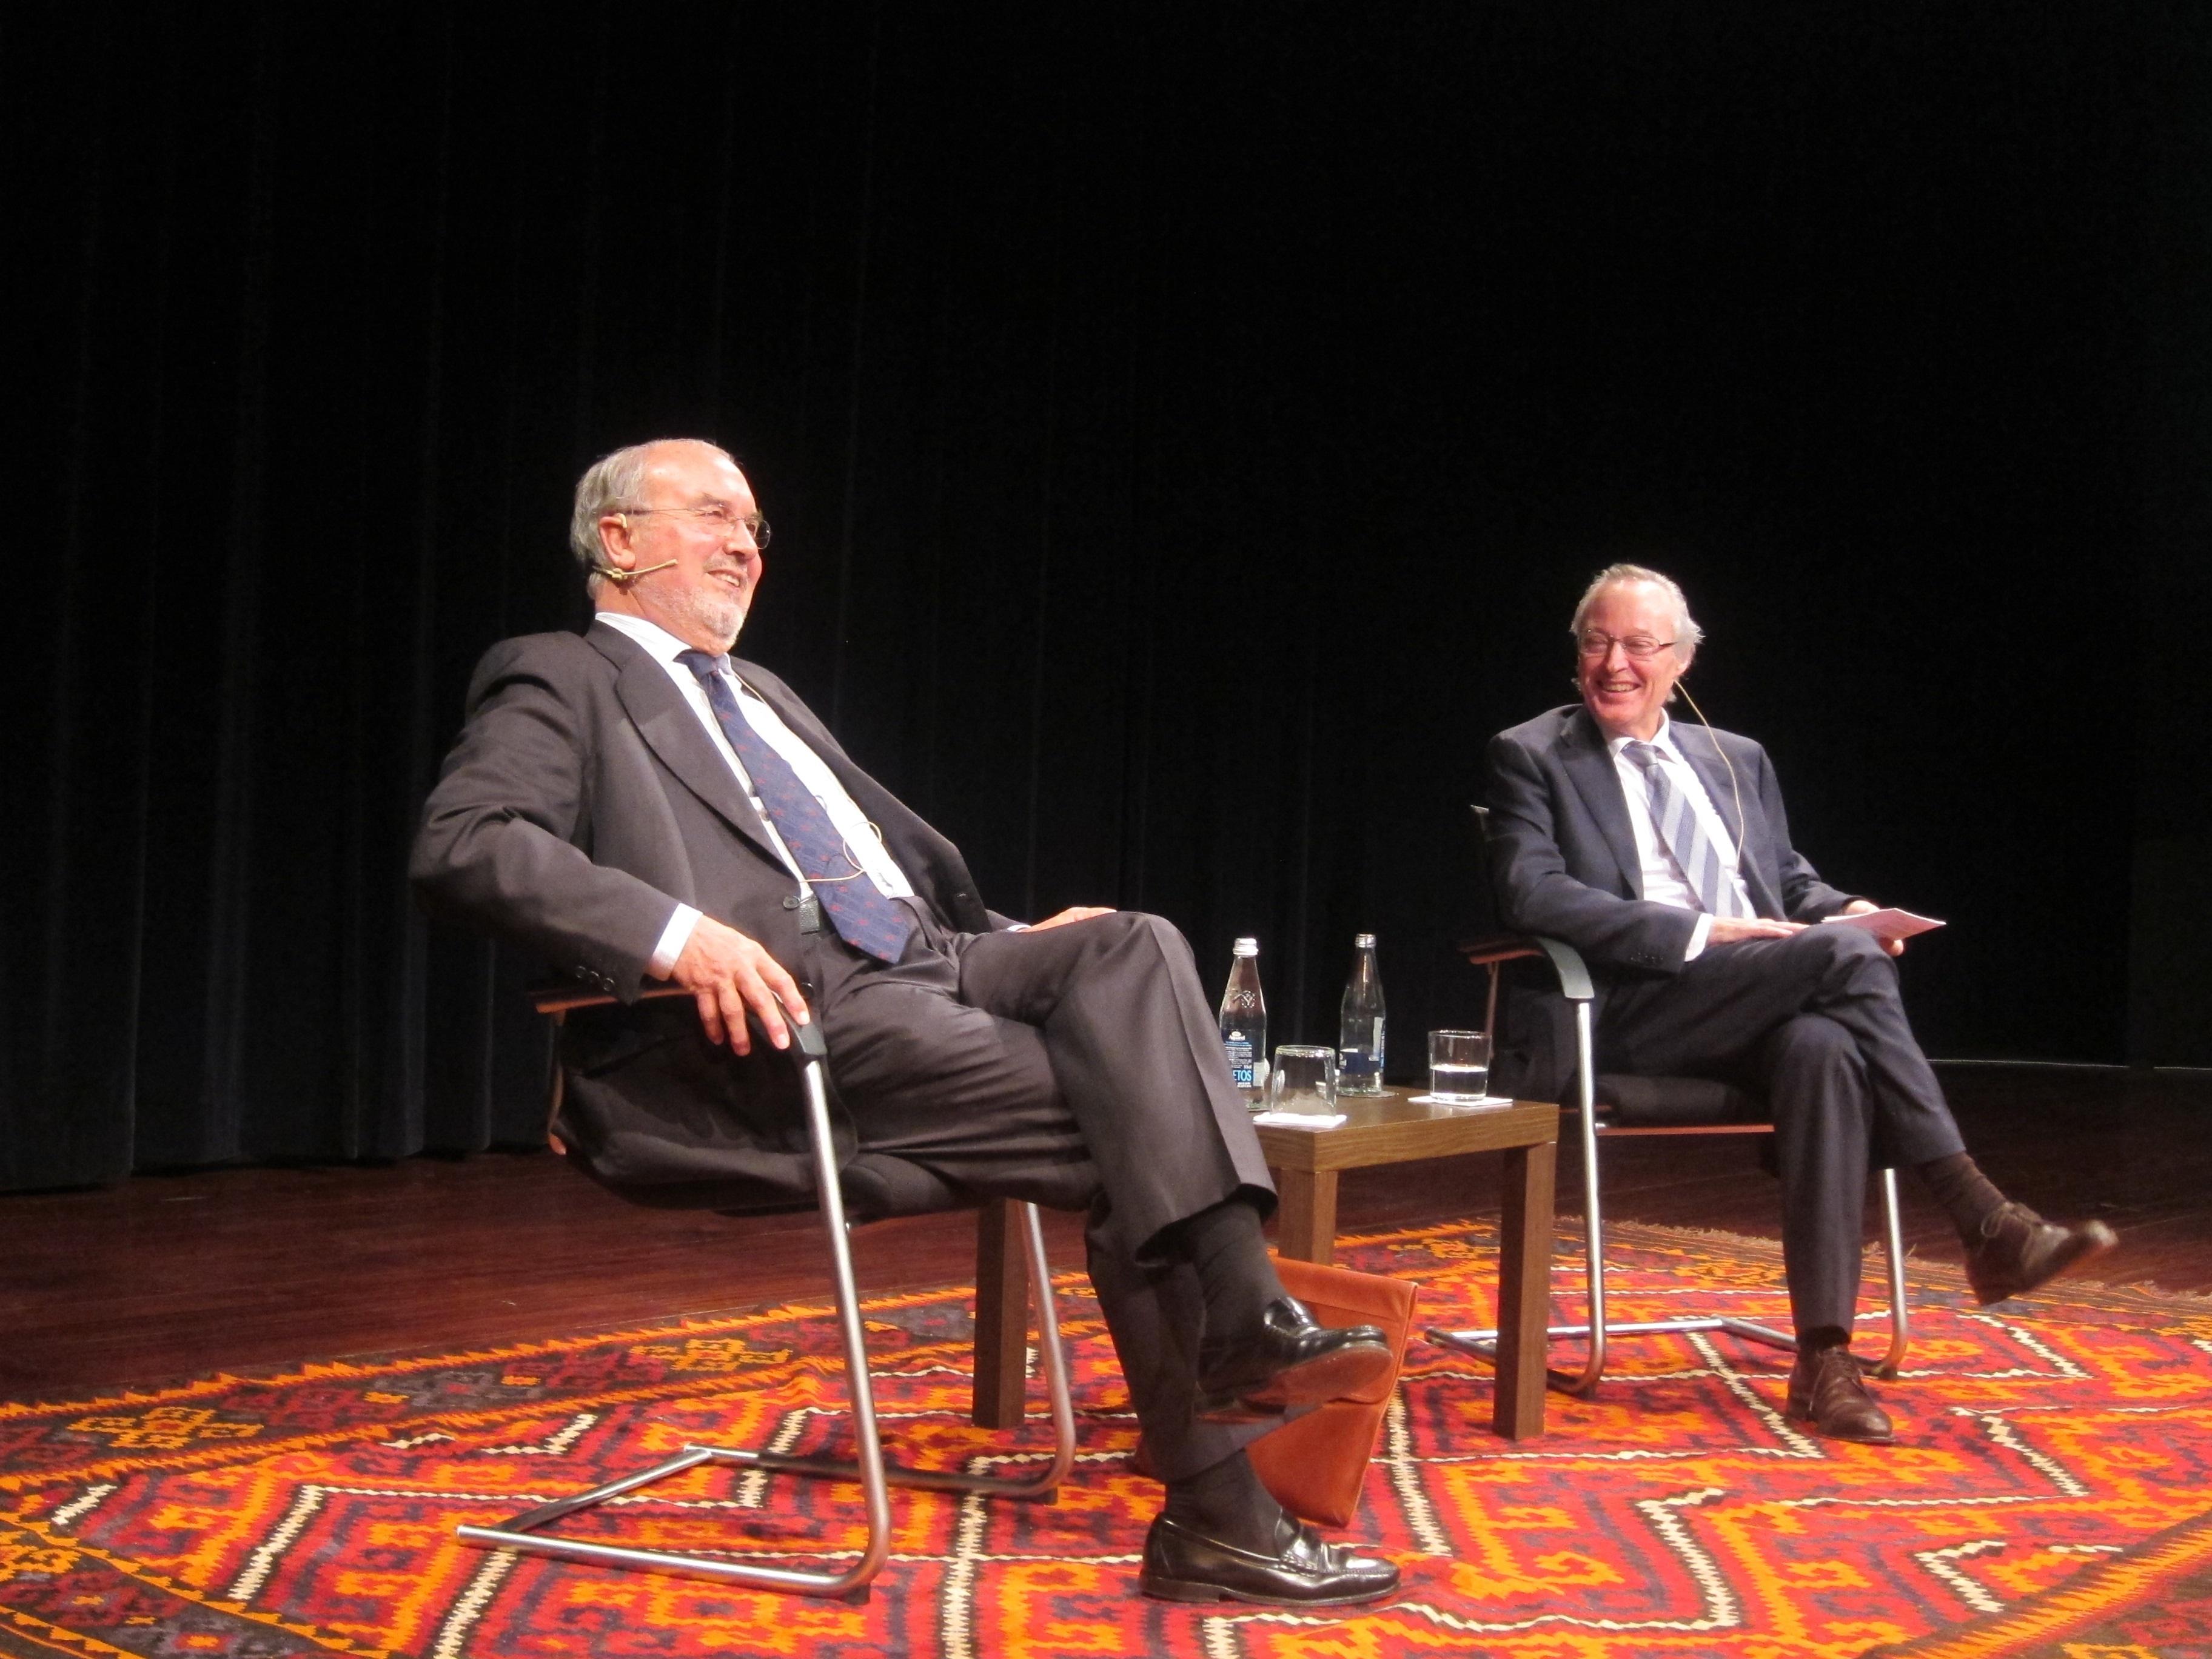 Los exministros Piqué y Solbes creen que las elecciones europeas reflejarán la desafección ciudadana